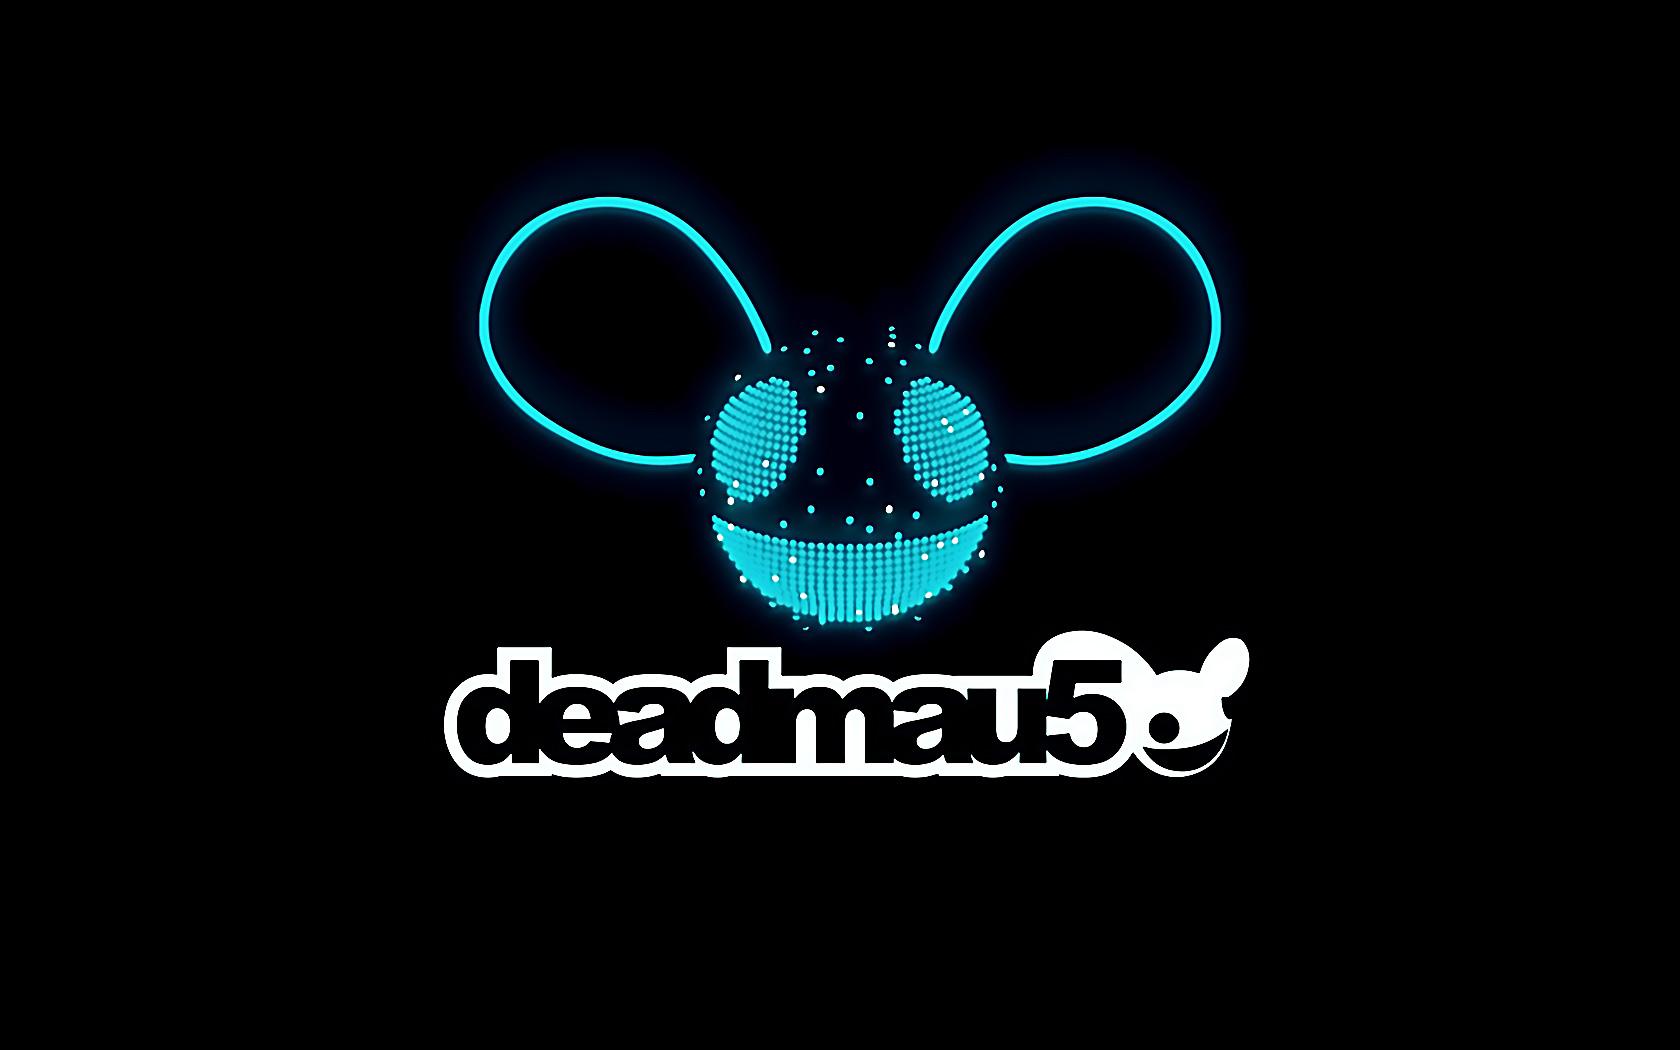 Deadmau5 Res: 1680x1050 / Size:141kb. Views: 28667